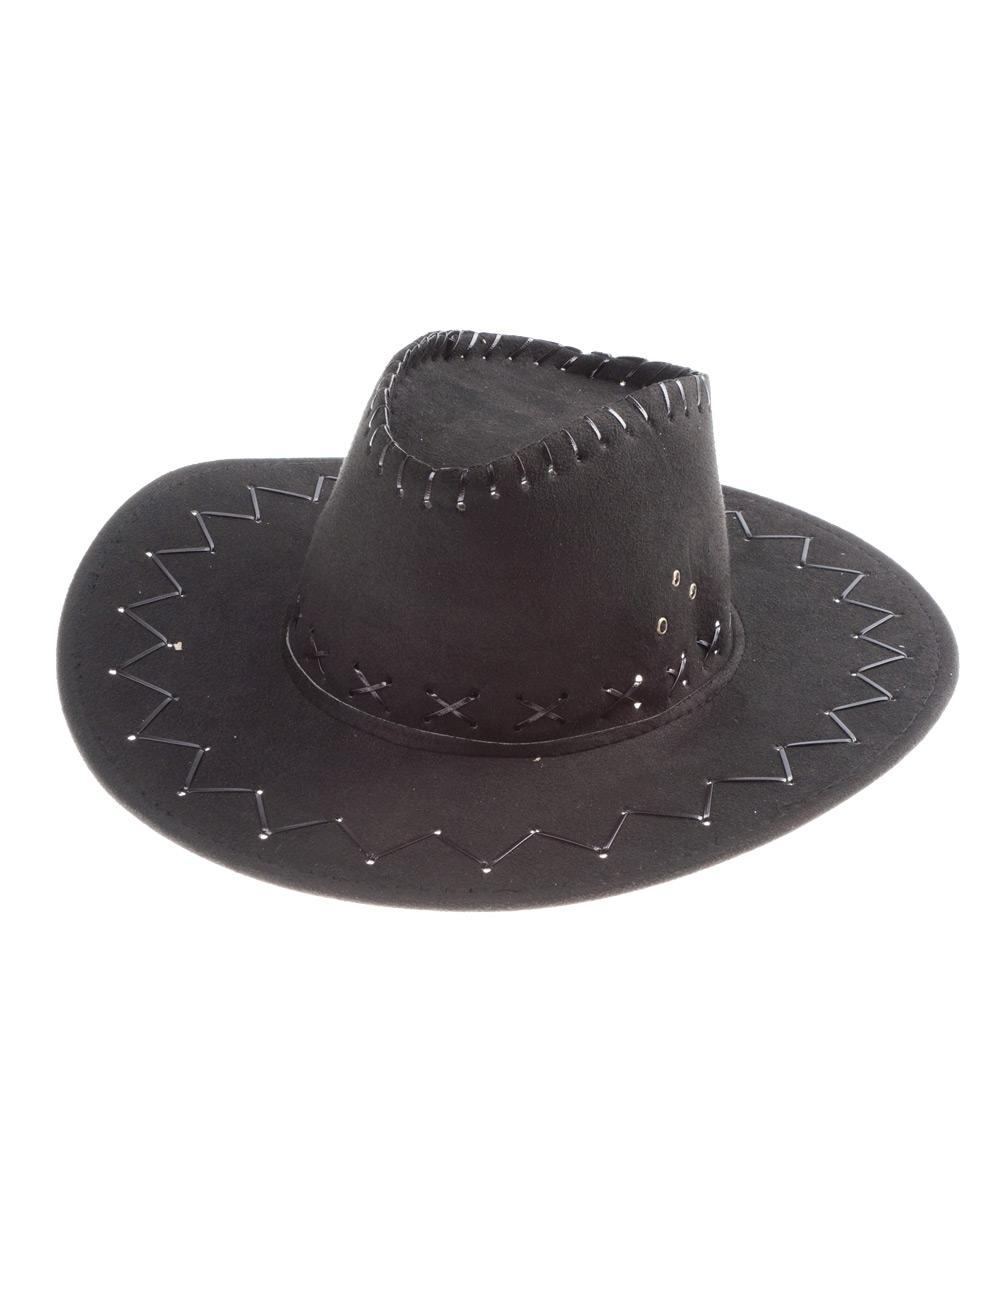 Kostuemzubehor Cowboyhut Lederoptik schwarz